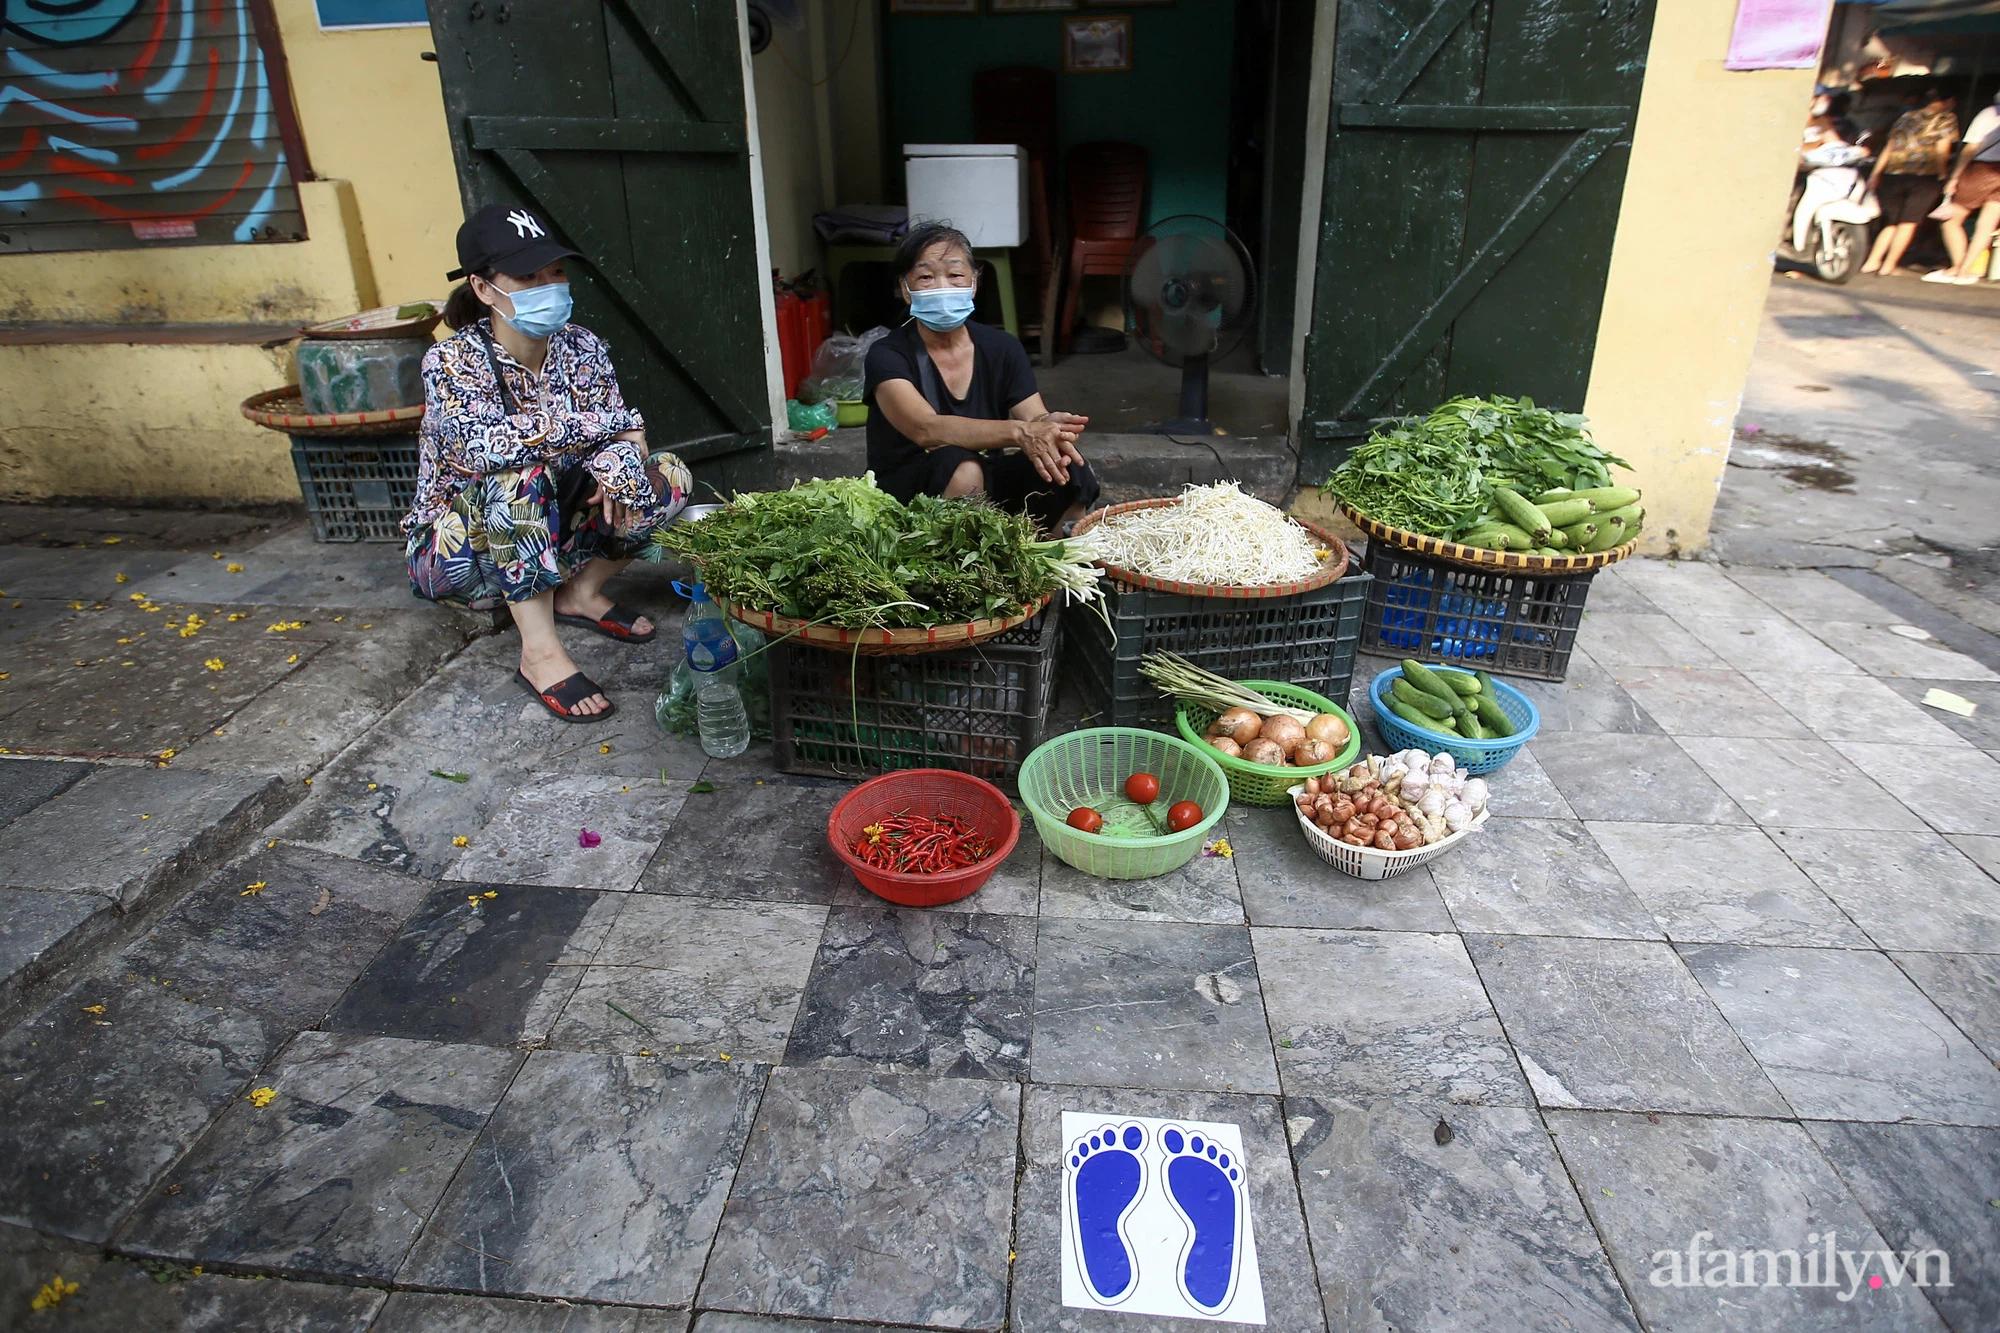 Ngày đầu giãn cách theo Chỉ thị 16, khu chợ ở Hà Nội kẻ vạch cách nhau 2 m, người mua kẻ bán tuy xa mặt nhưng không cách lòng - Ảnh 11.